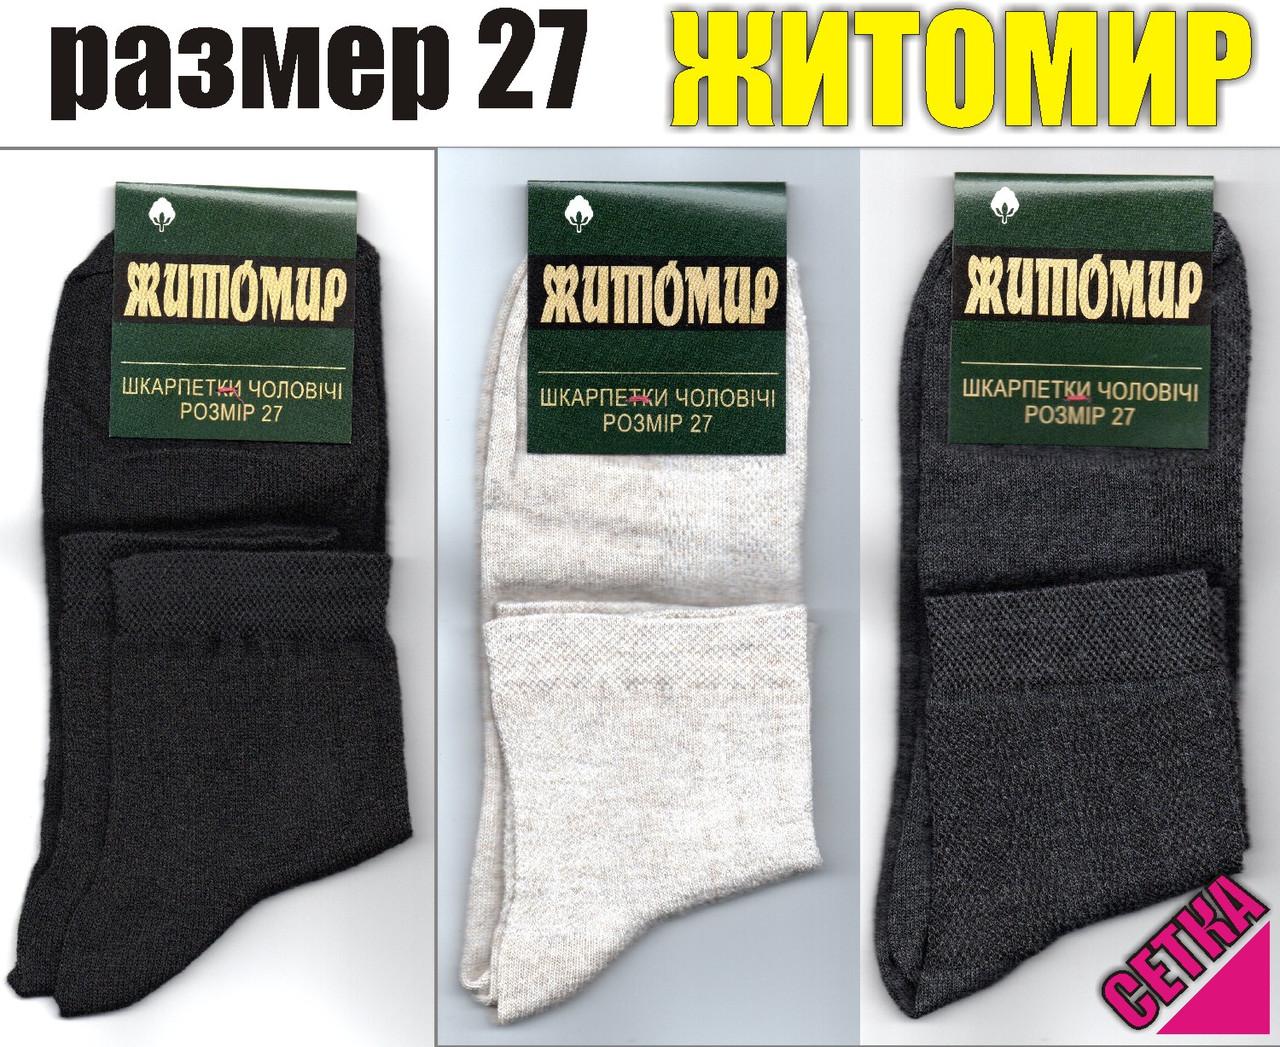 Носки мужские ассорти с сеткой Житомир 27 размер. НМЛ-06140